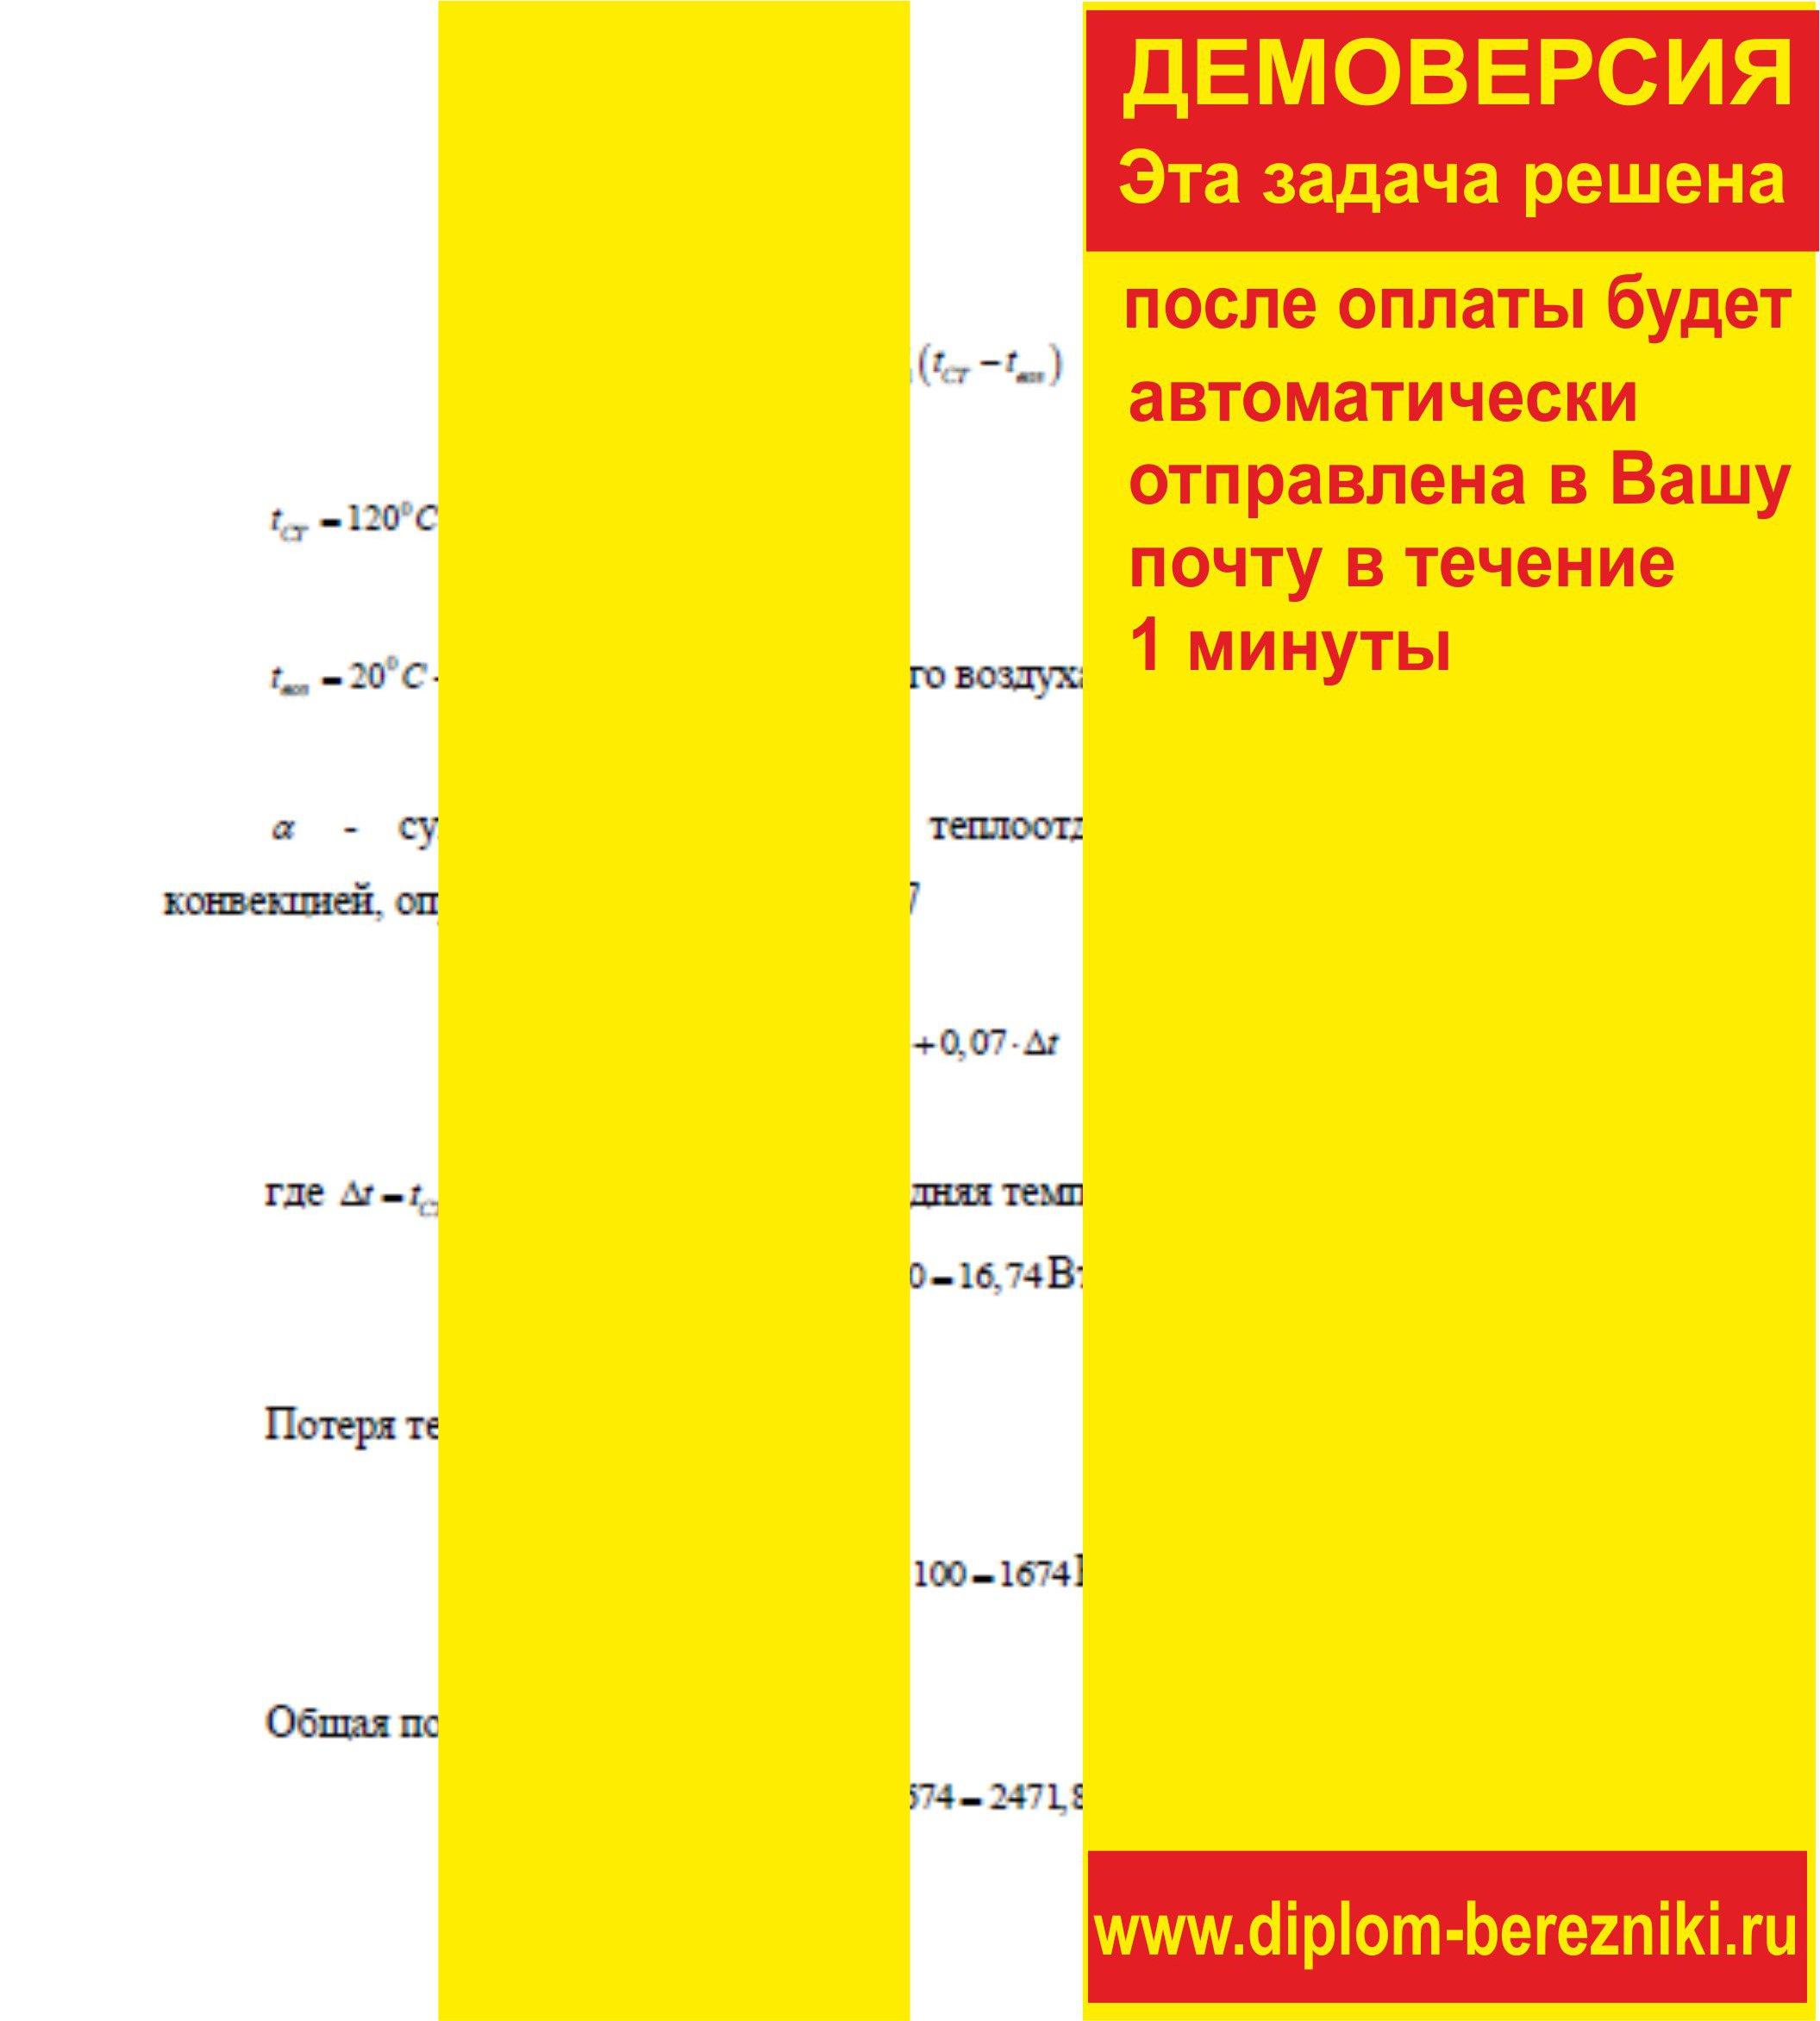 Решение задачи 4.49 по ПАХТ из задачника Павлова Романкова Носкова